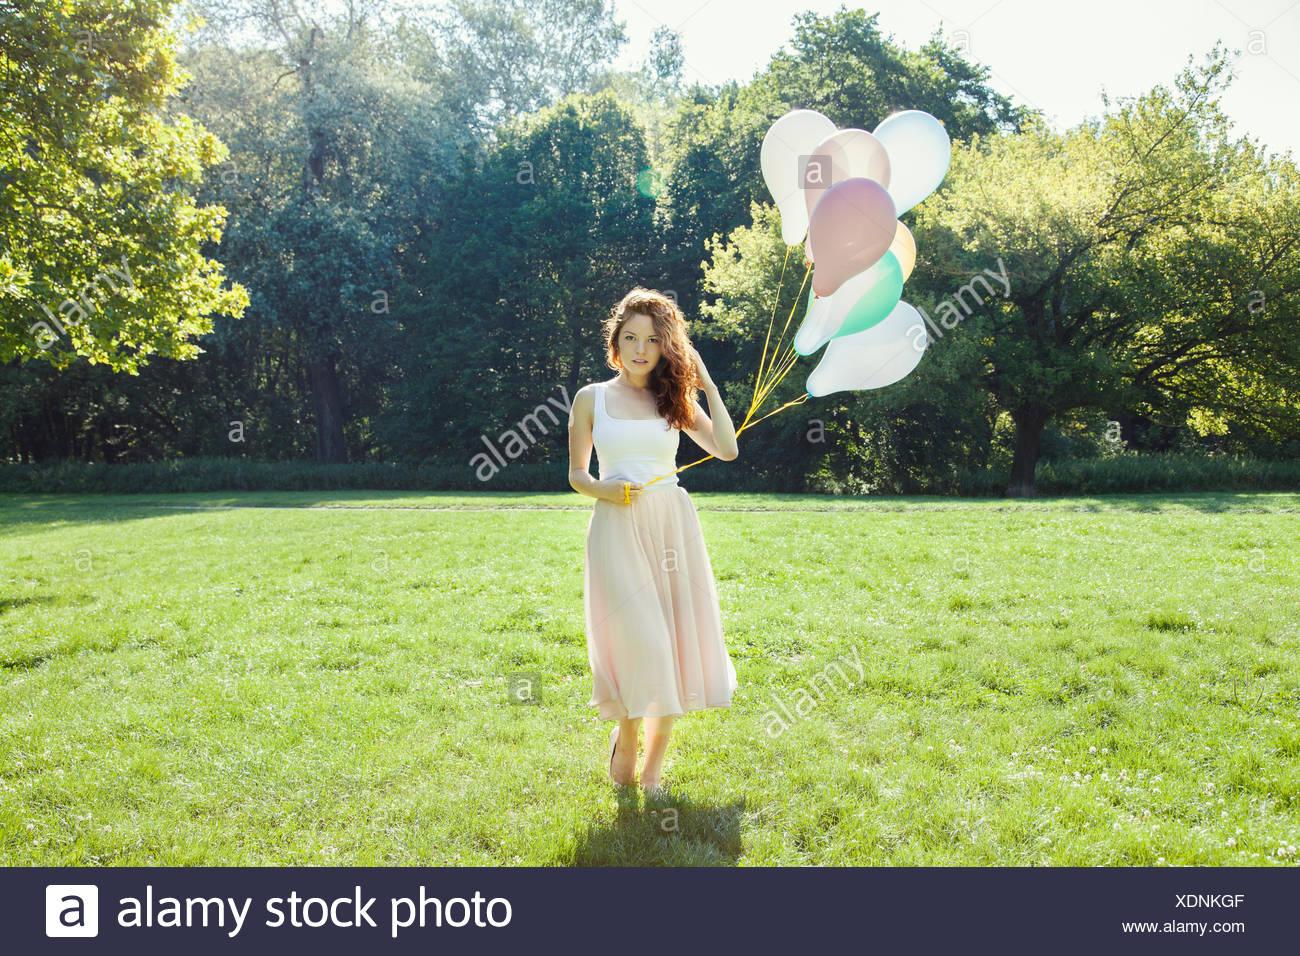 Portrait de jeune femme timide dans park holding a bunch of balloons Photo Stock